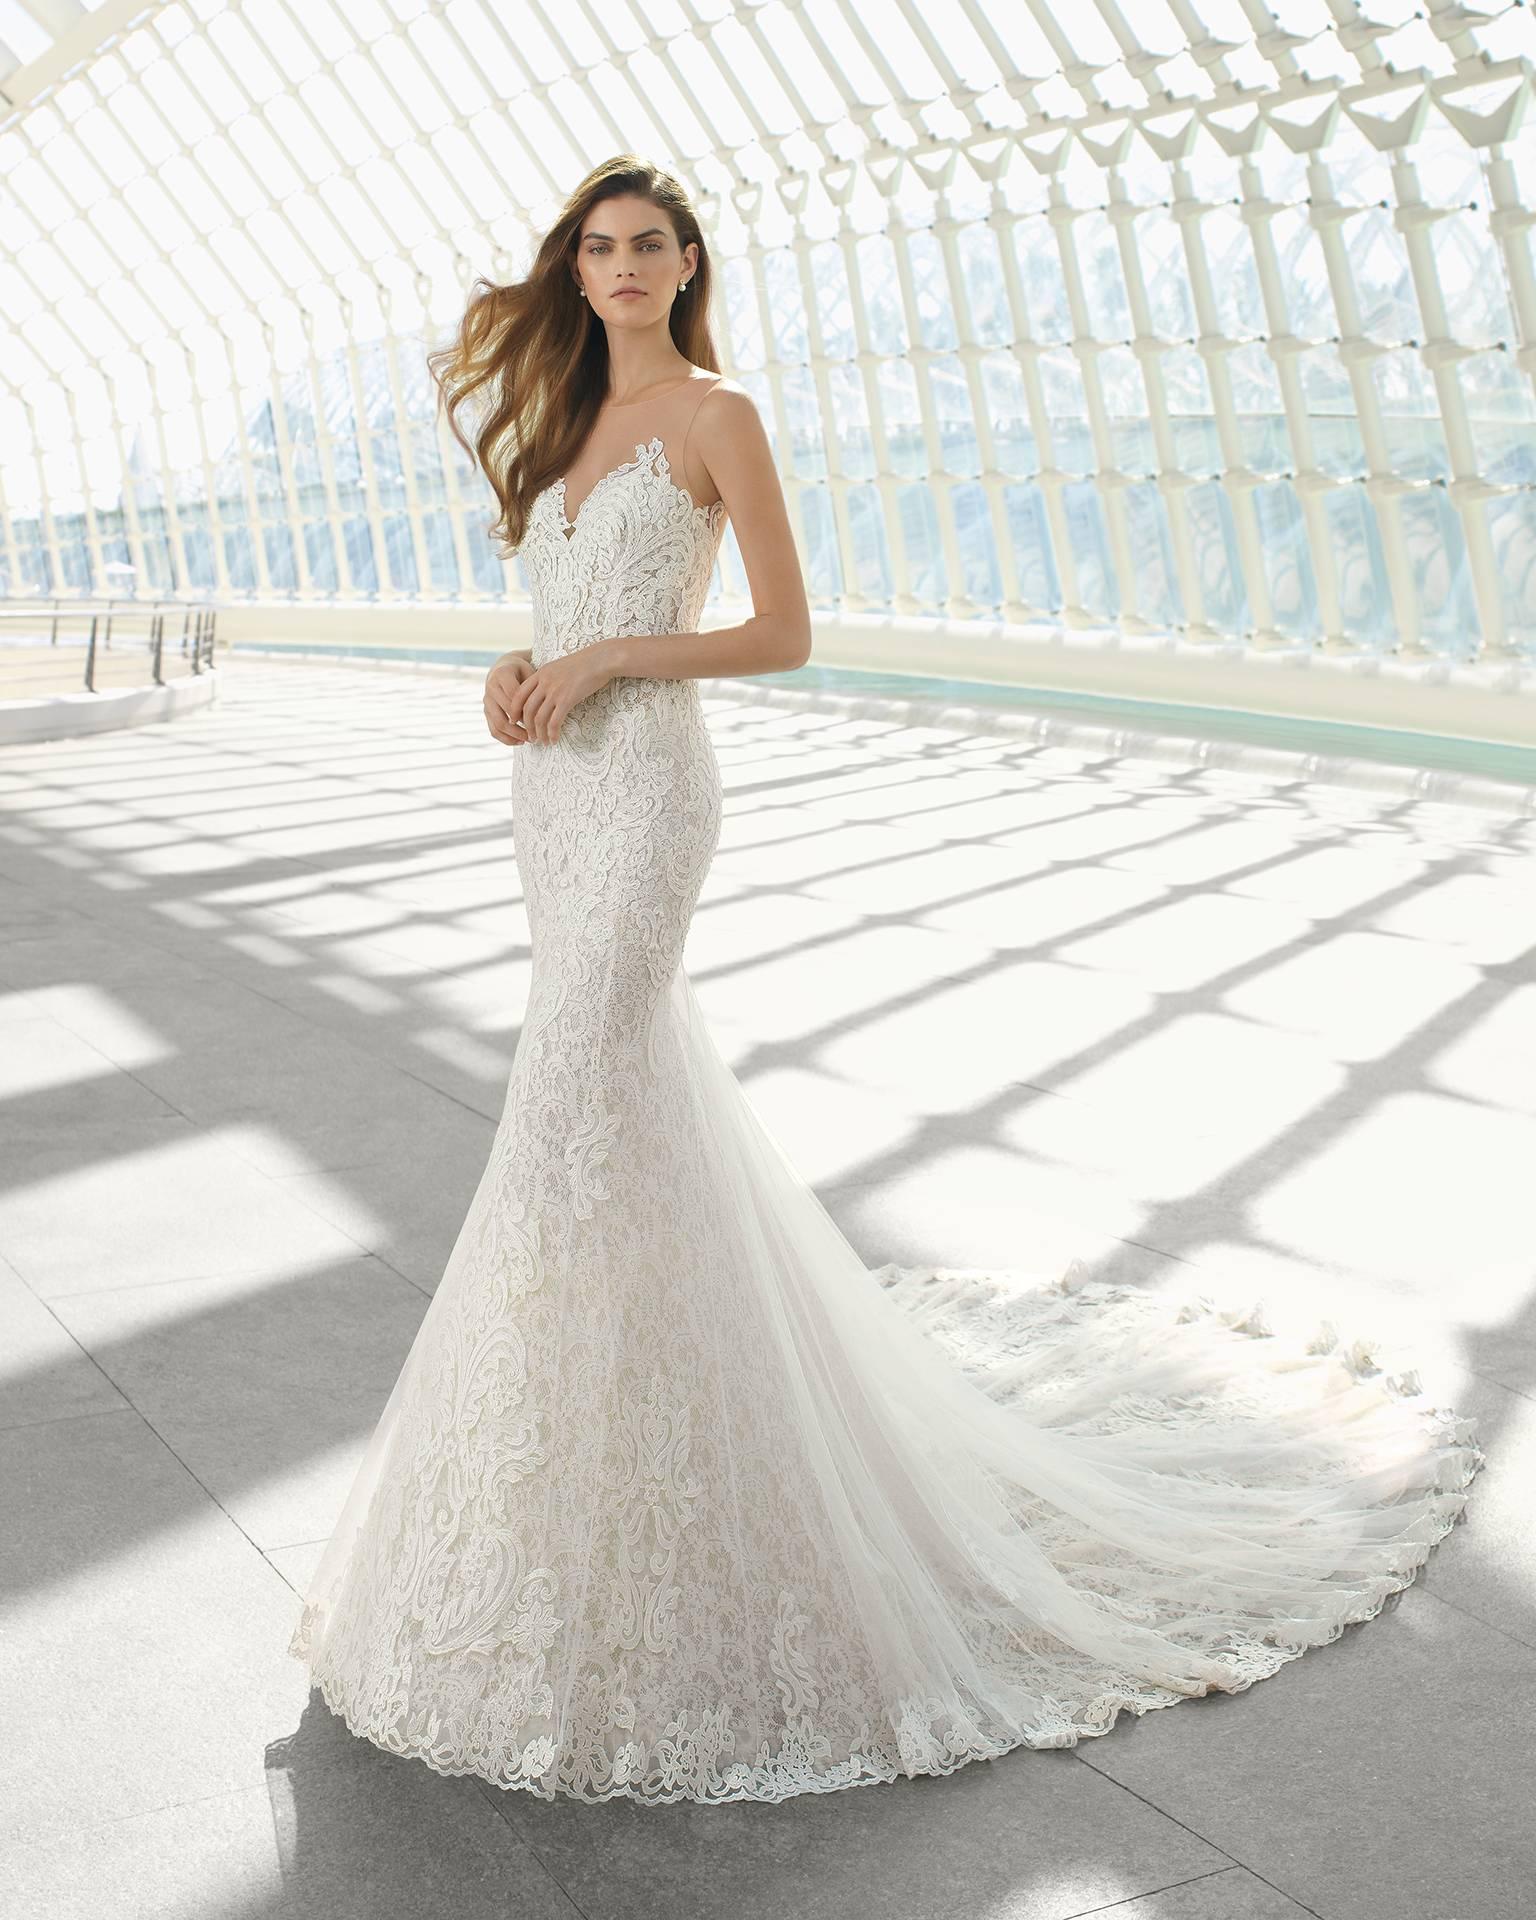 Robe sirene mariage marseille